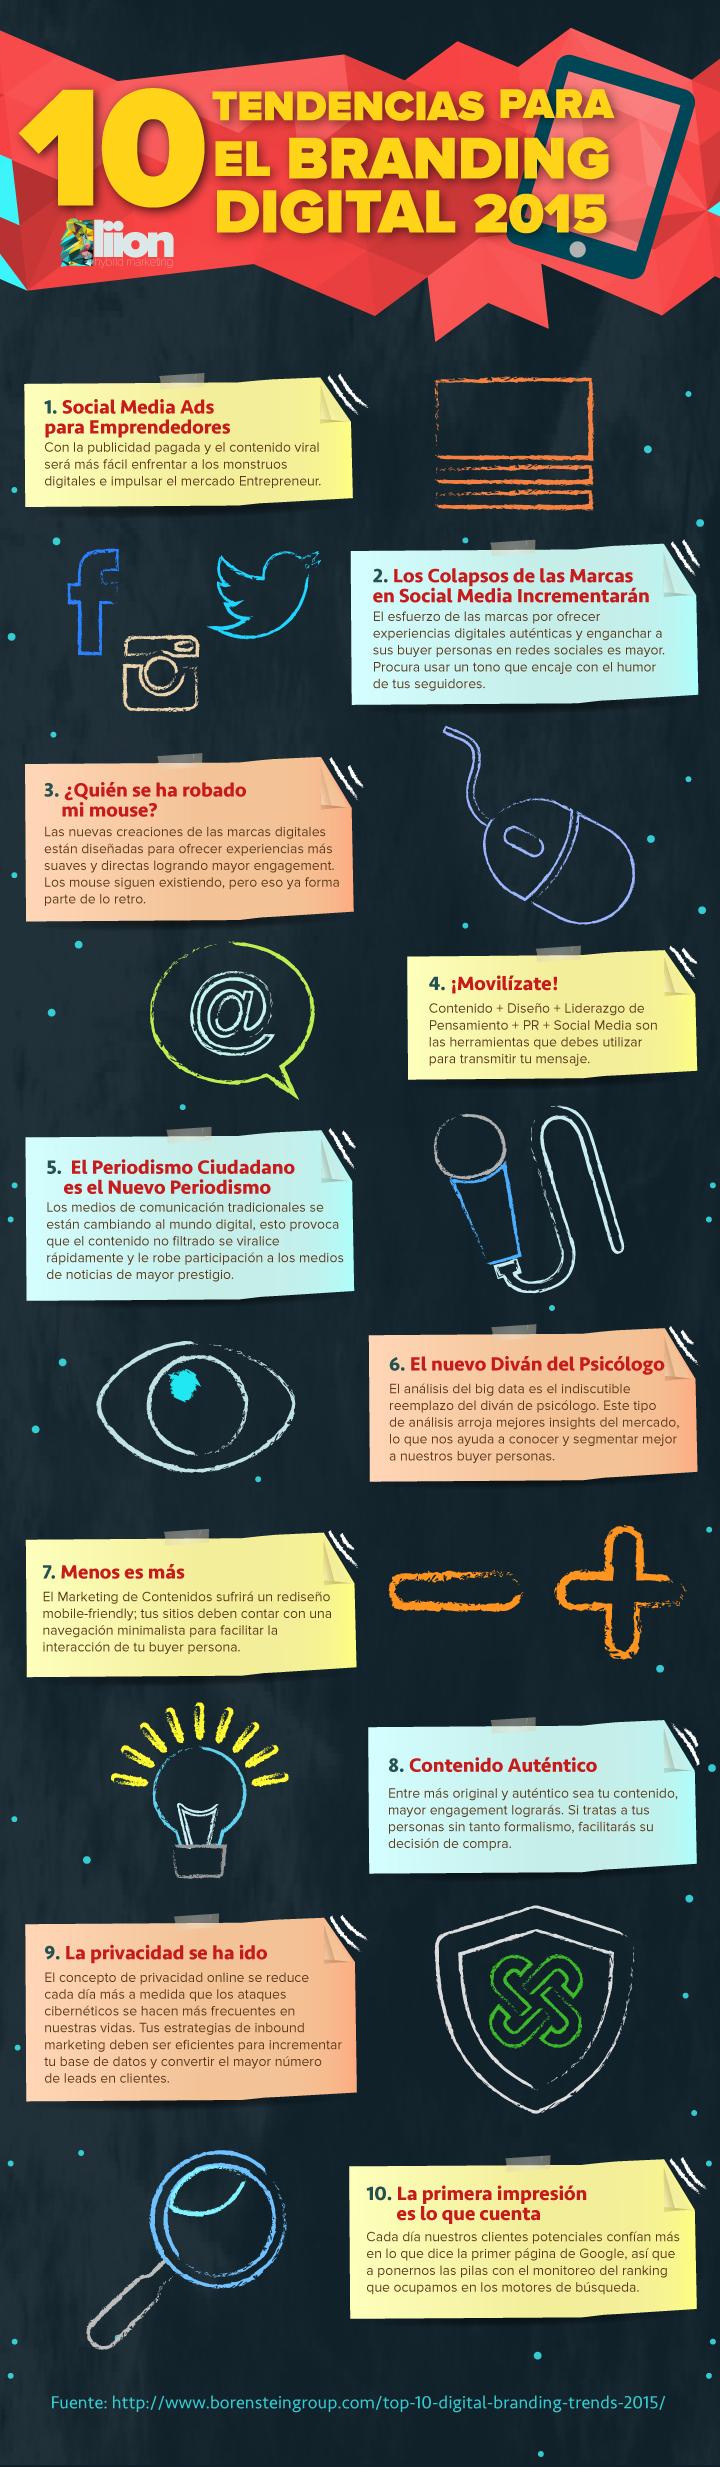 Tendencias en branding digital